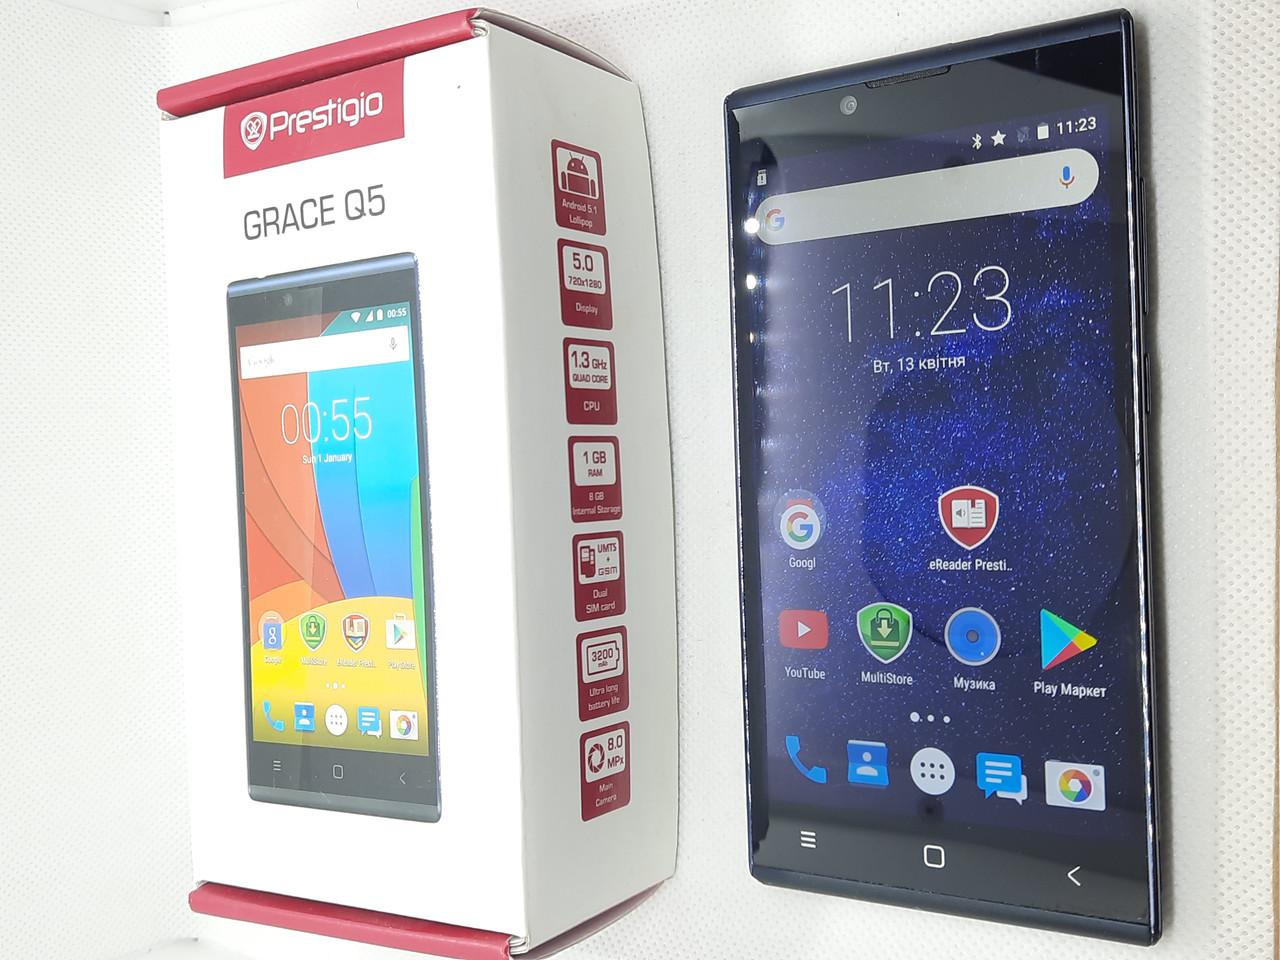 Prestigio PSP 5506 DUO Grace Q5 1/8GB #1568ВР